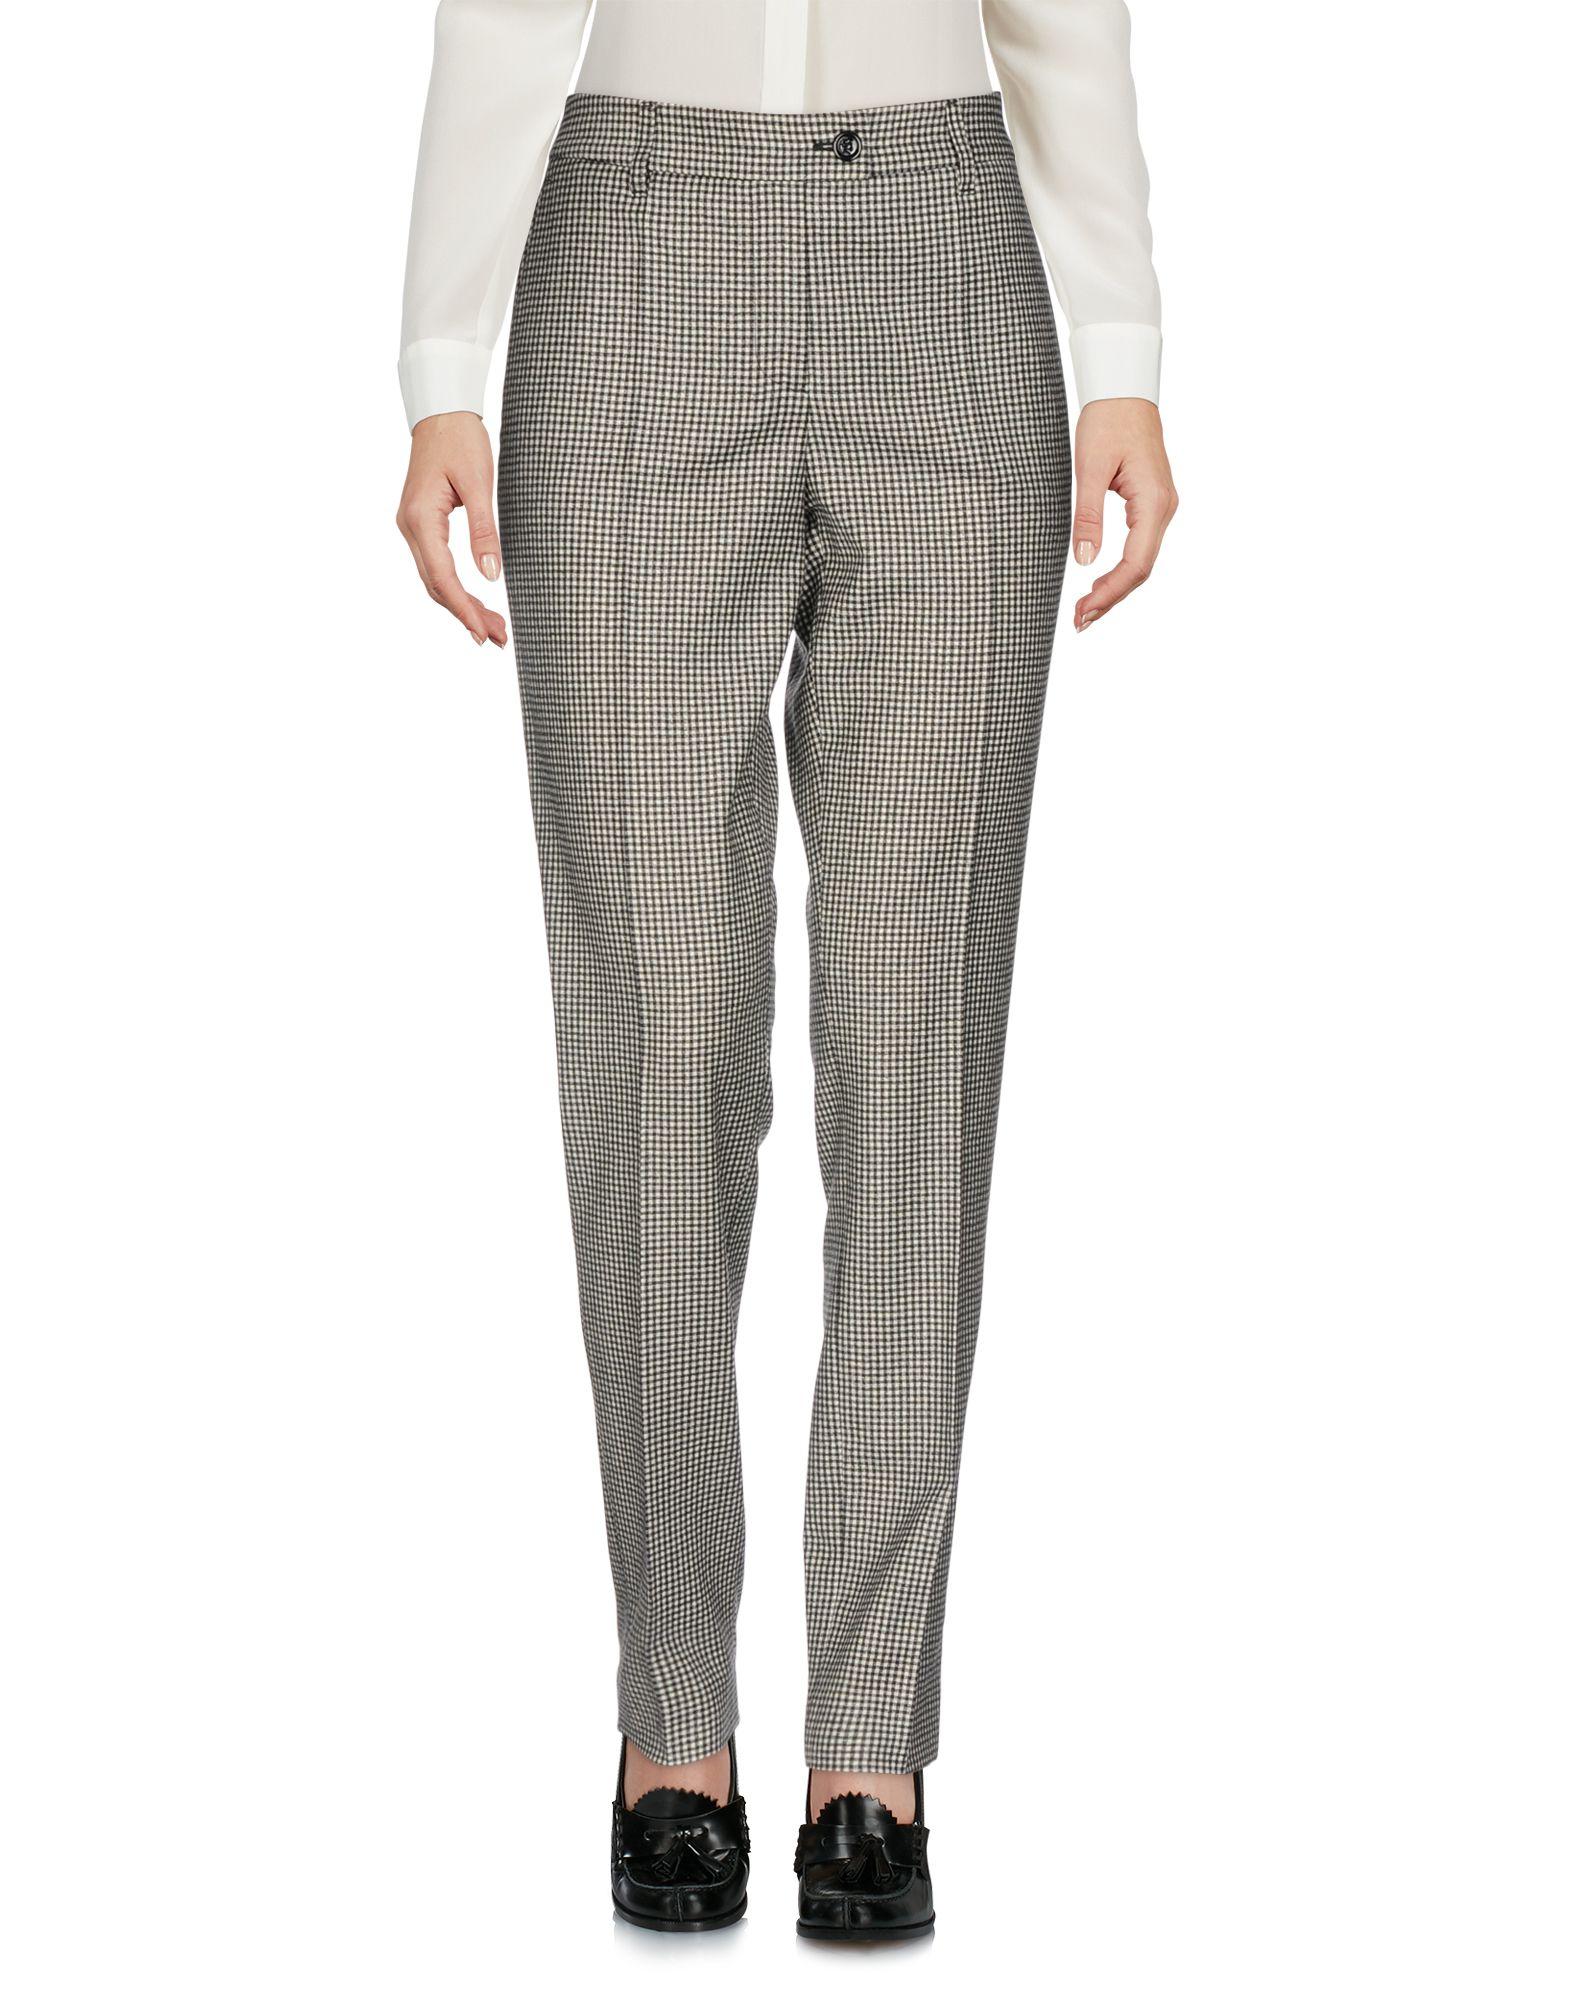 Pantalone Moschino Cheap And Chic Donna - Acquista online su DtIUn